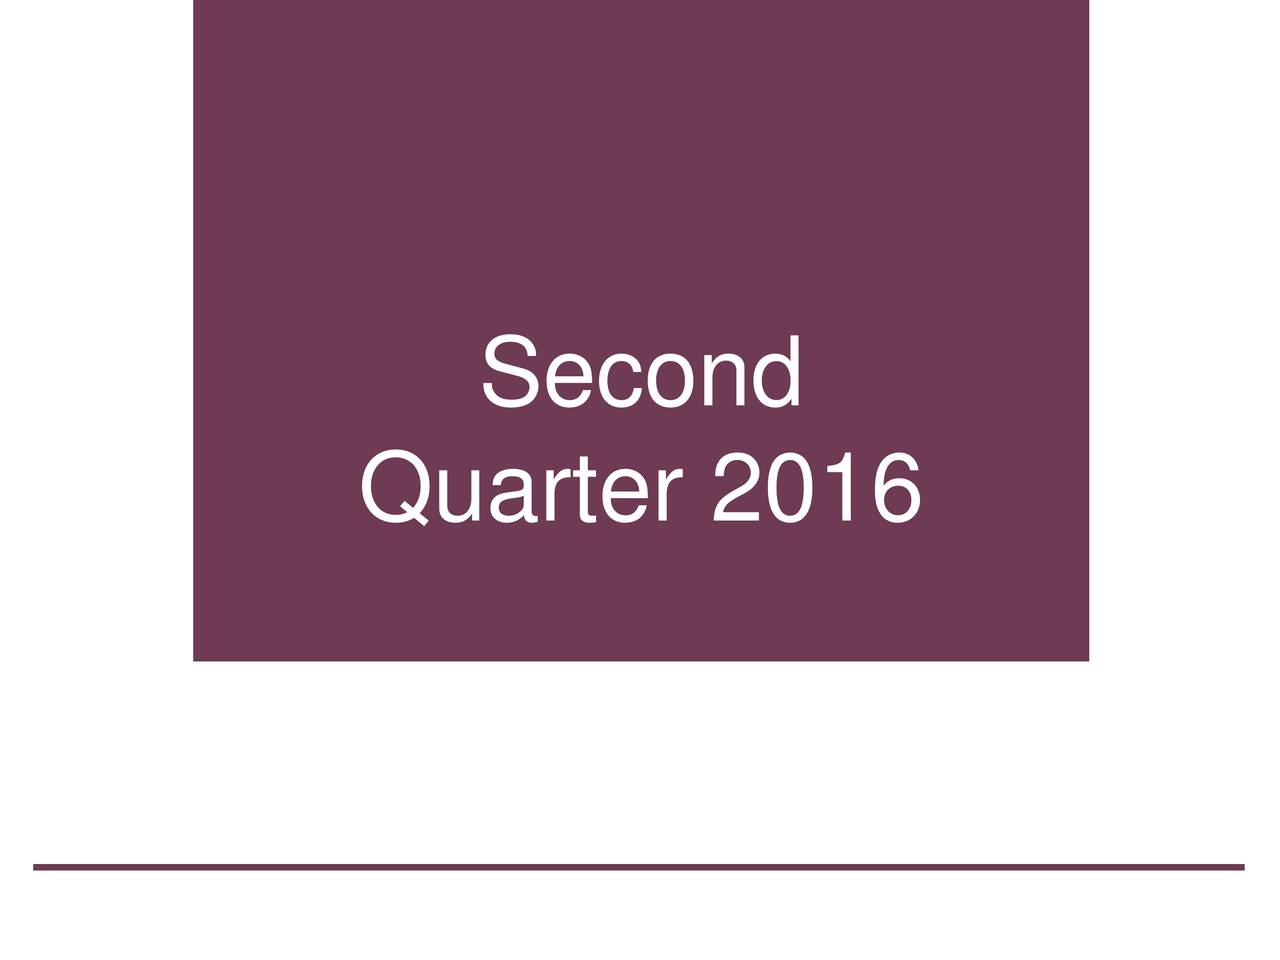 Quarter 2016